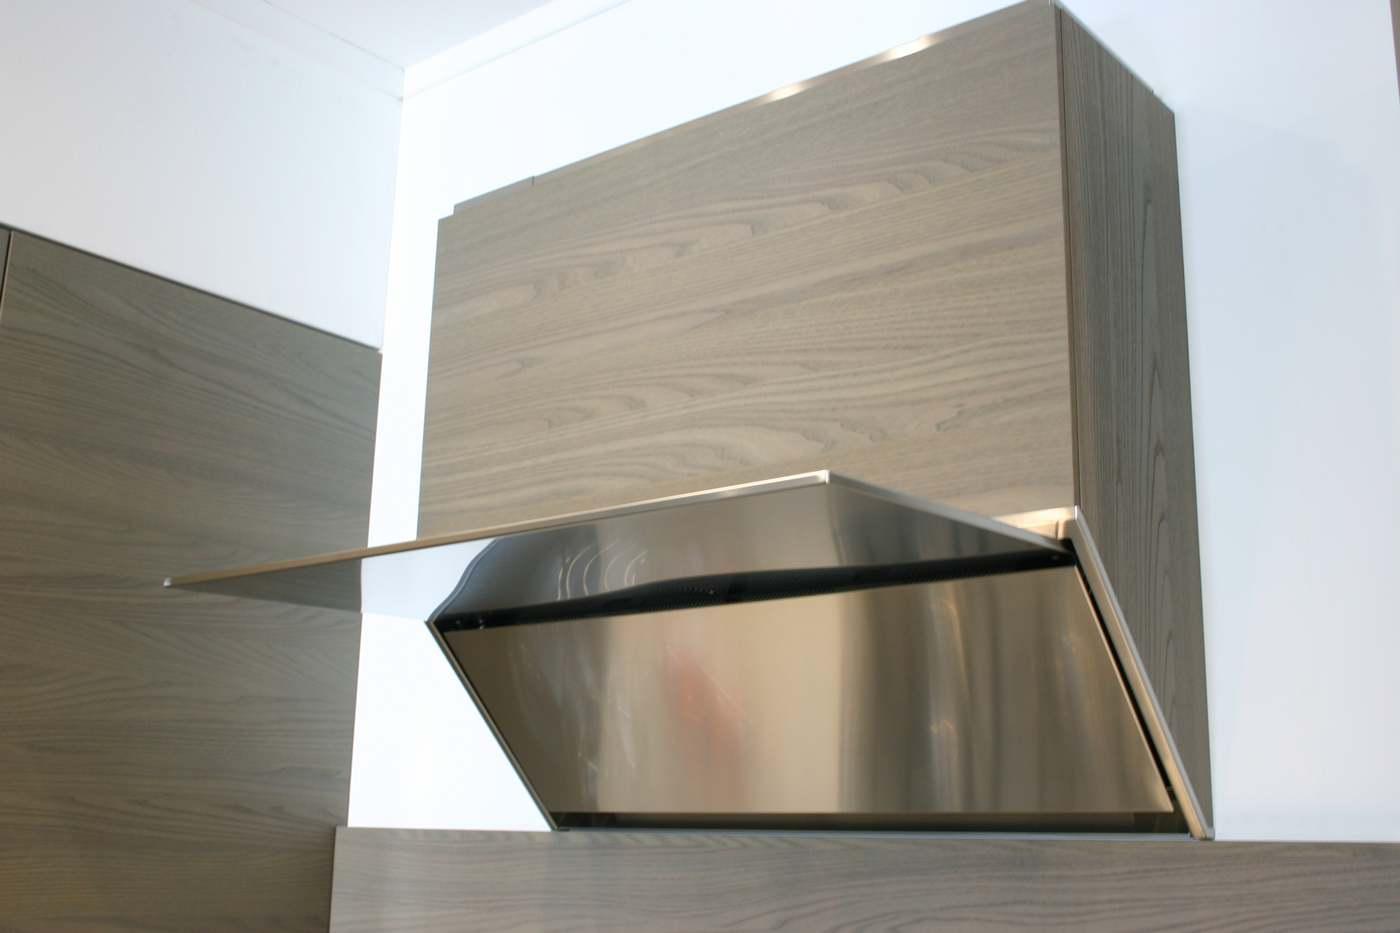 cappa aspirante in legno e acciaio